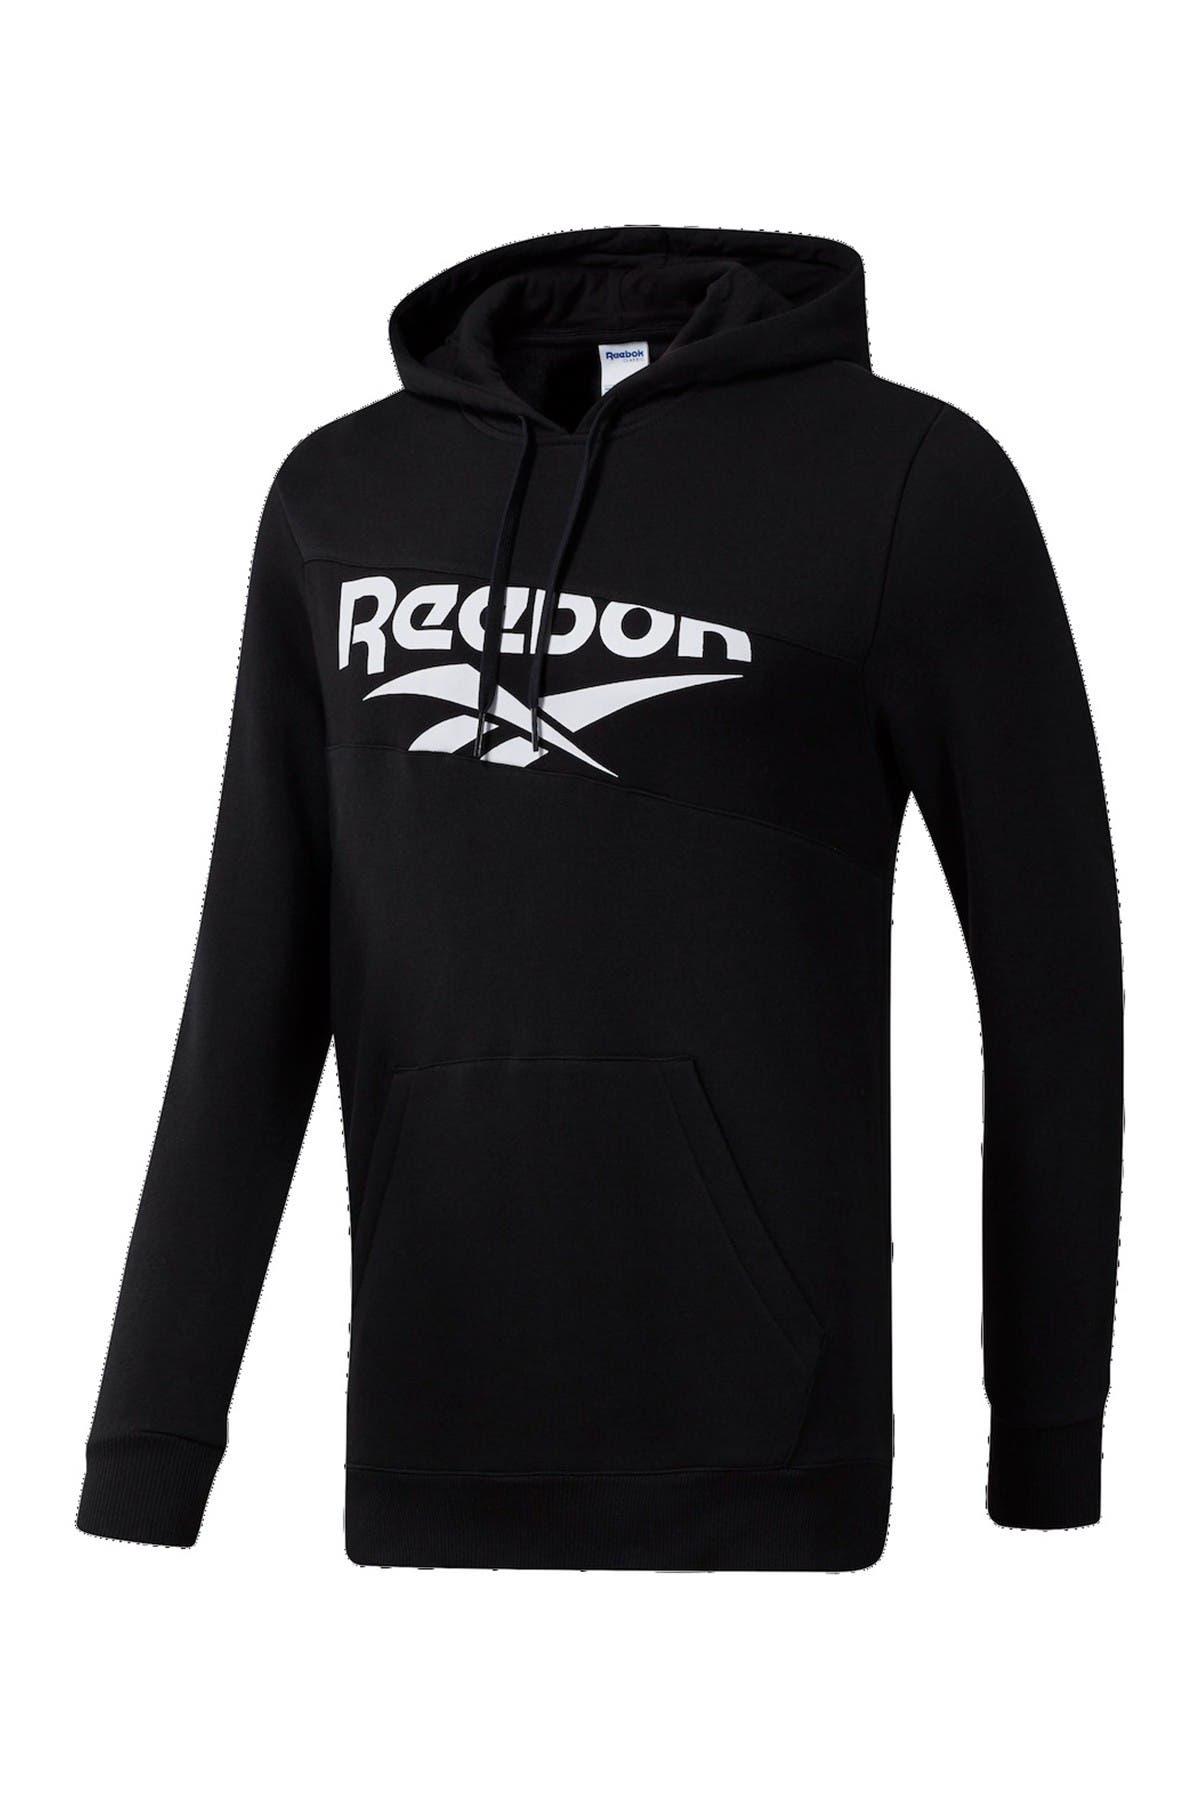 Image of Reebok Vector Logo Pullover Hoodie